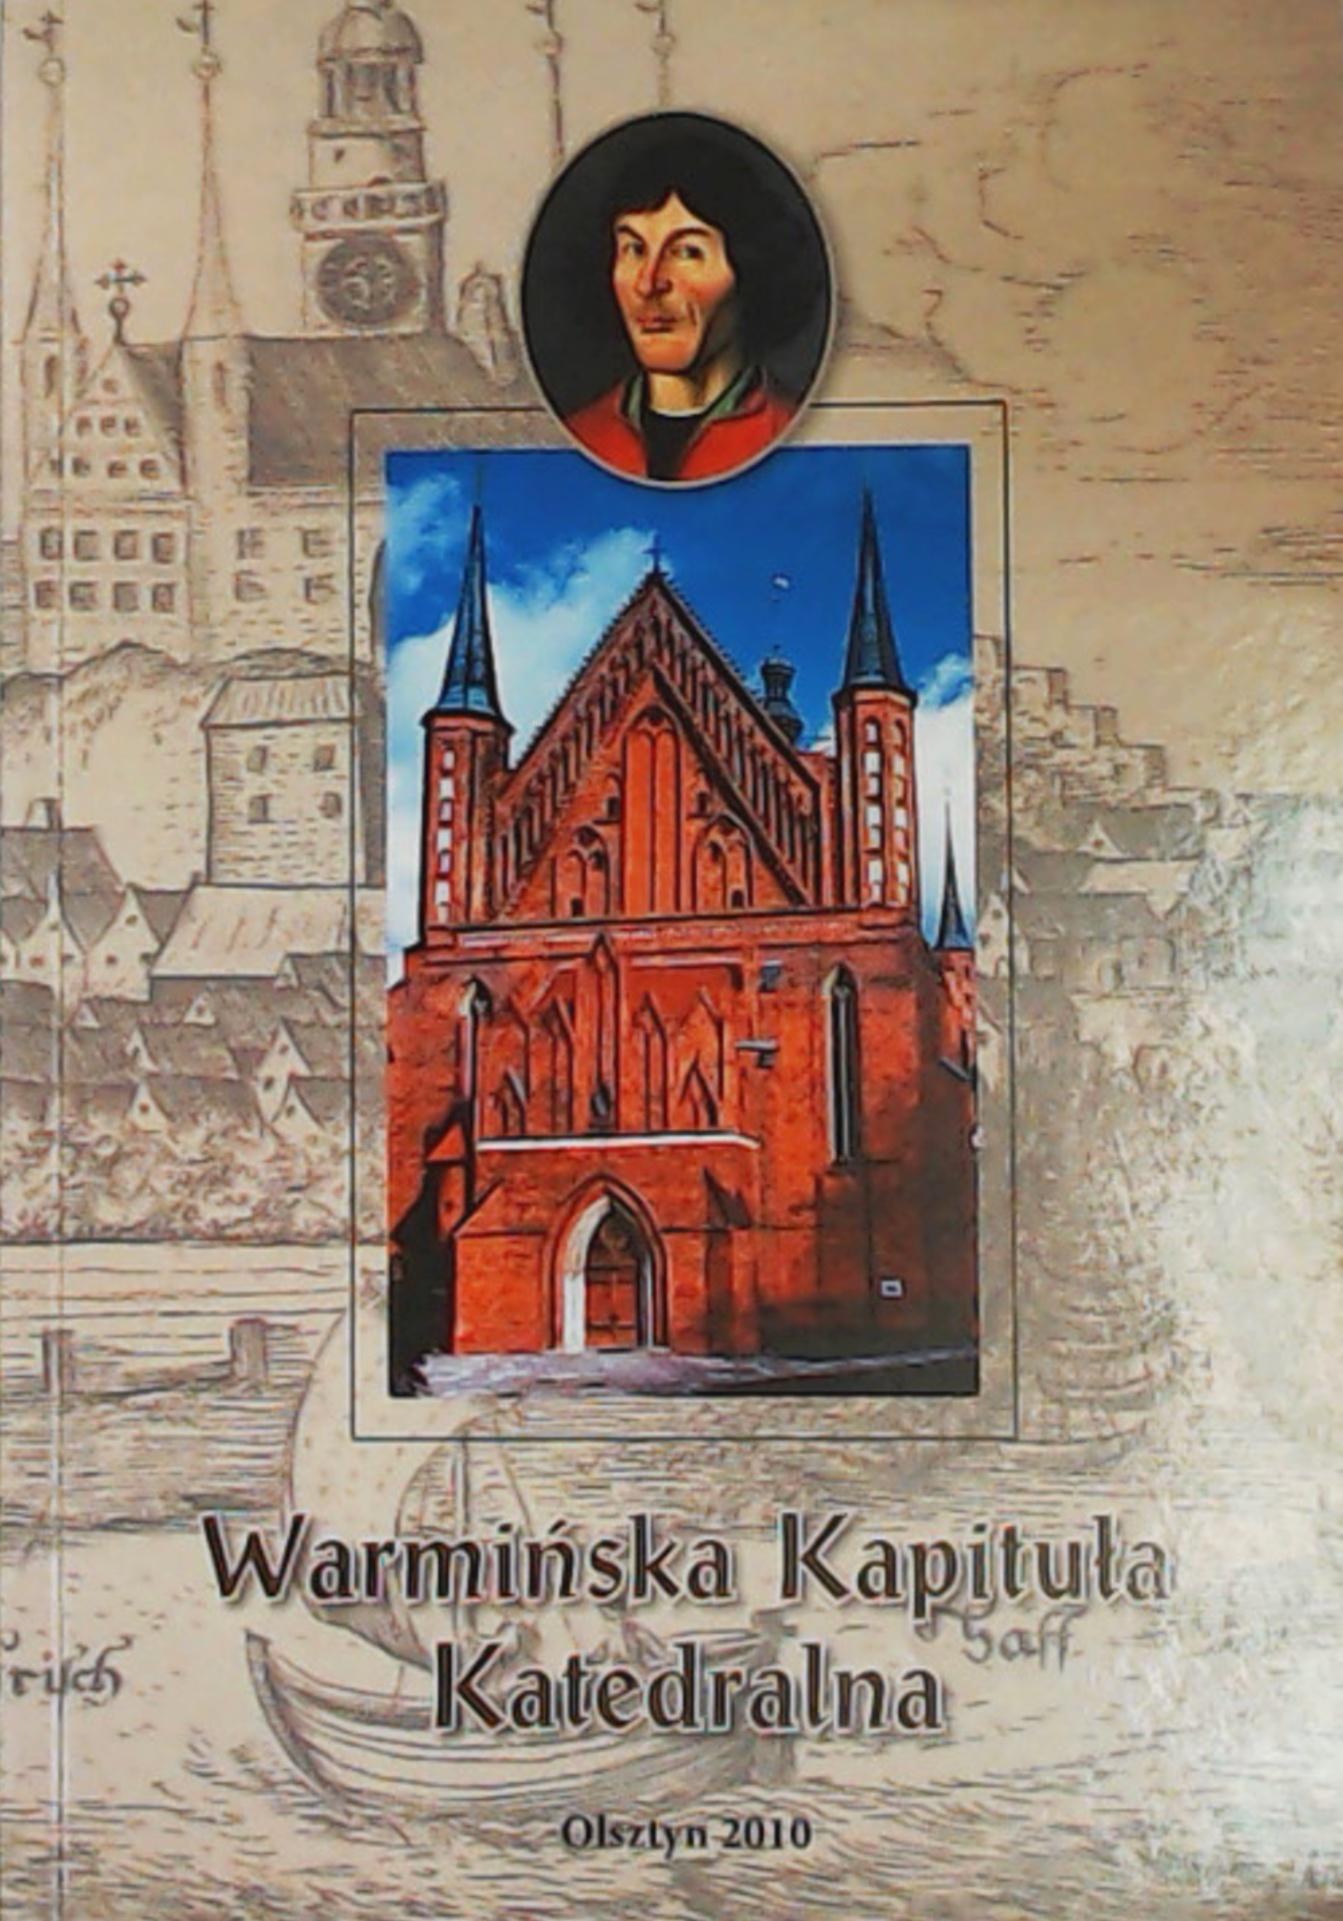 Warmińska Kapituła Katedralna Kopiczko Autograf Wa